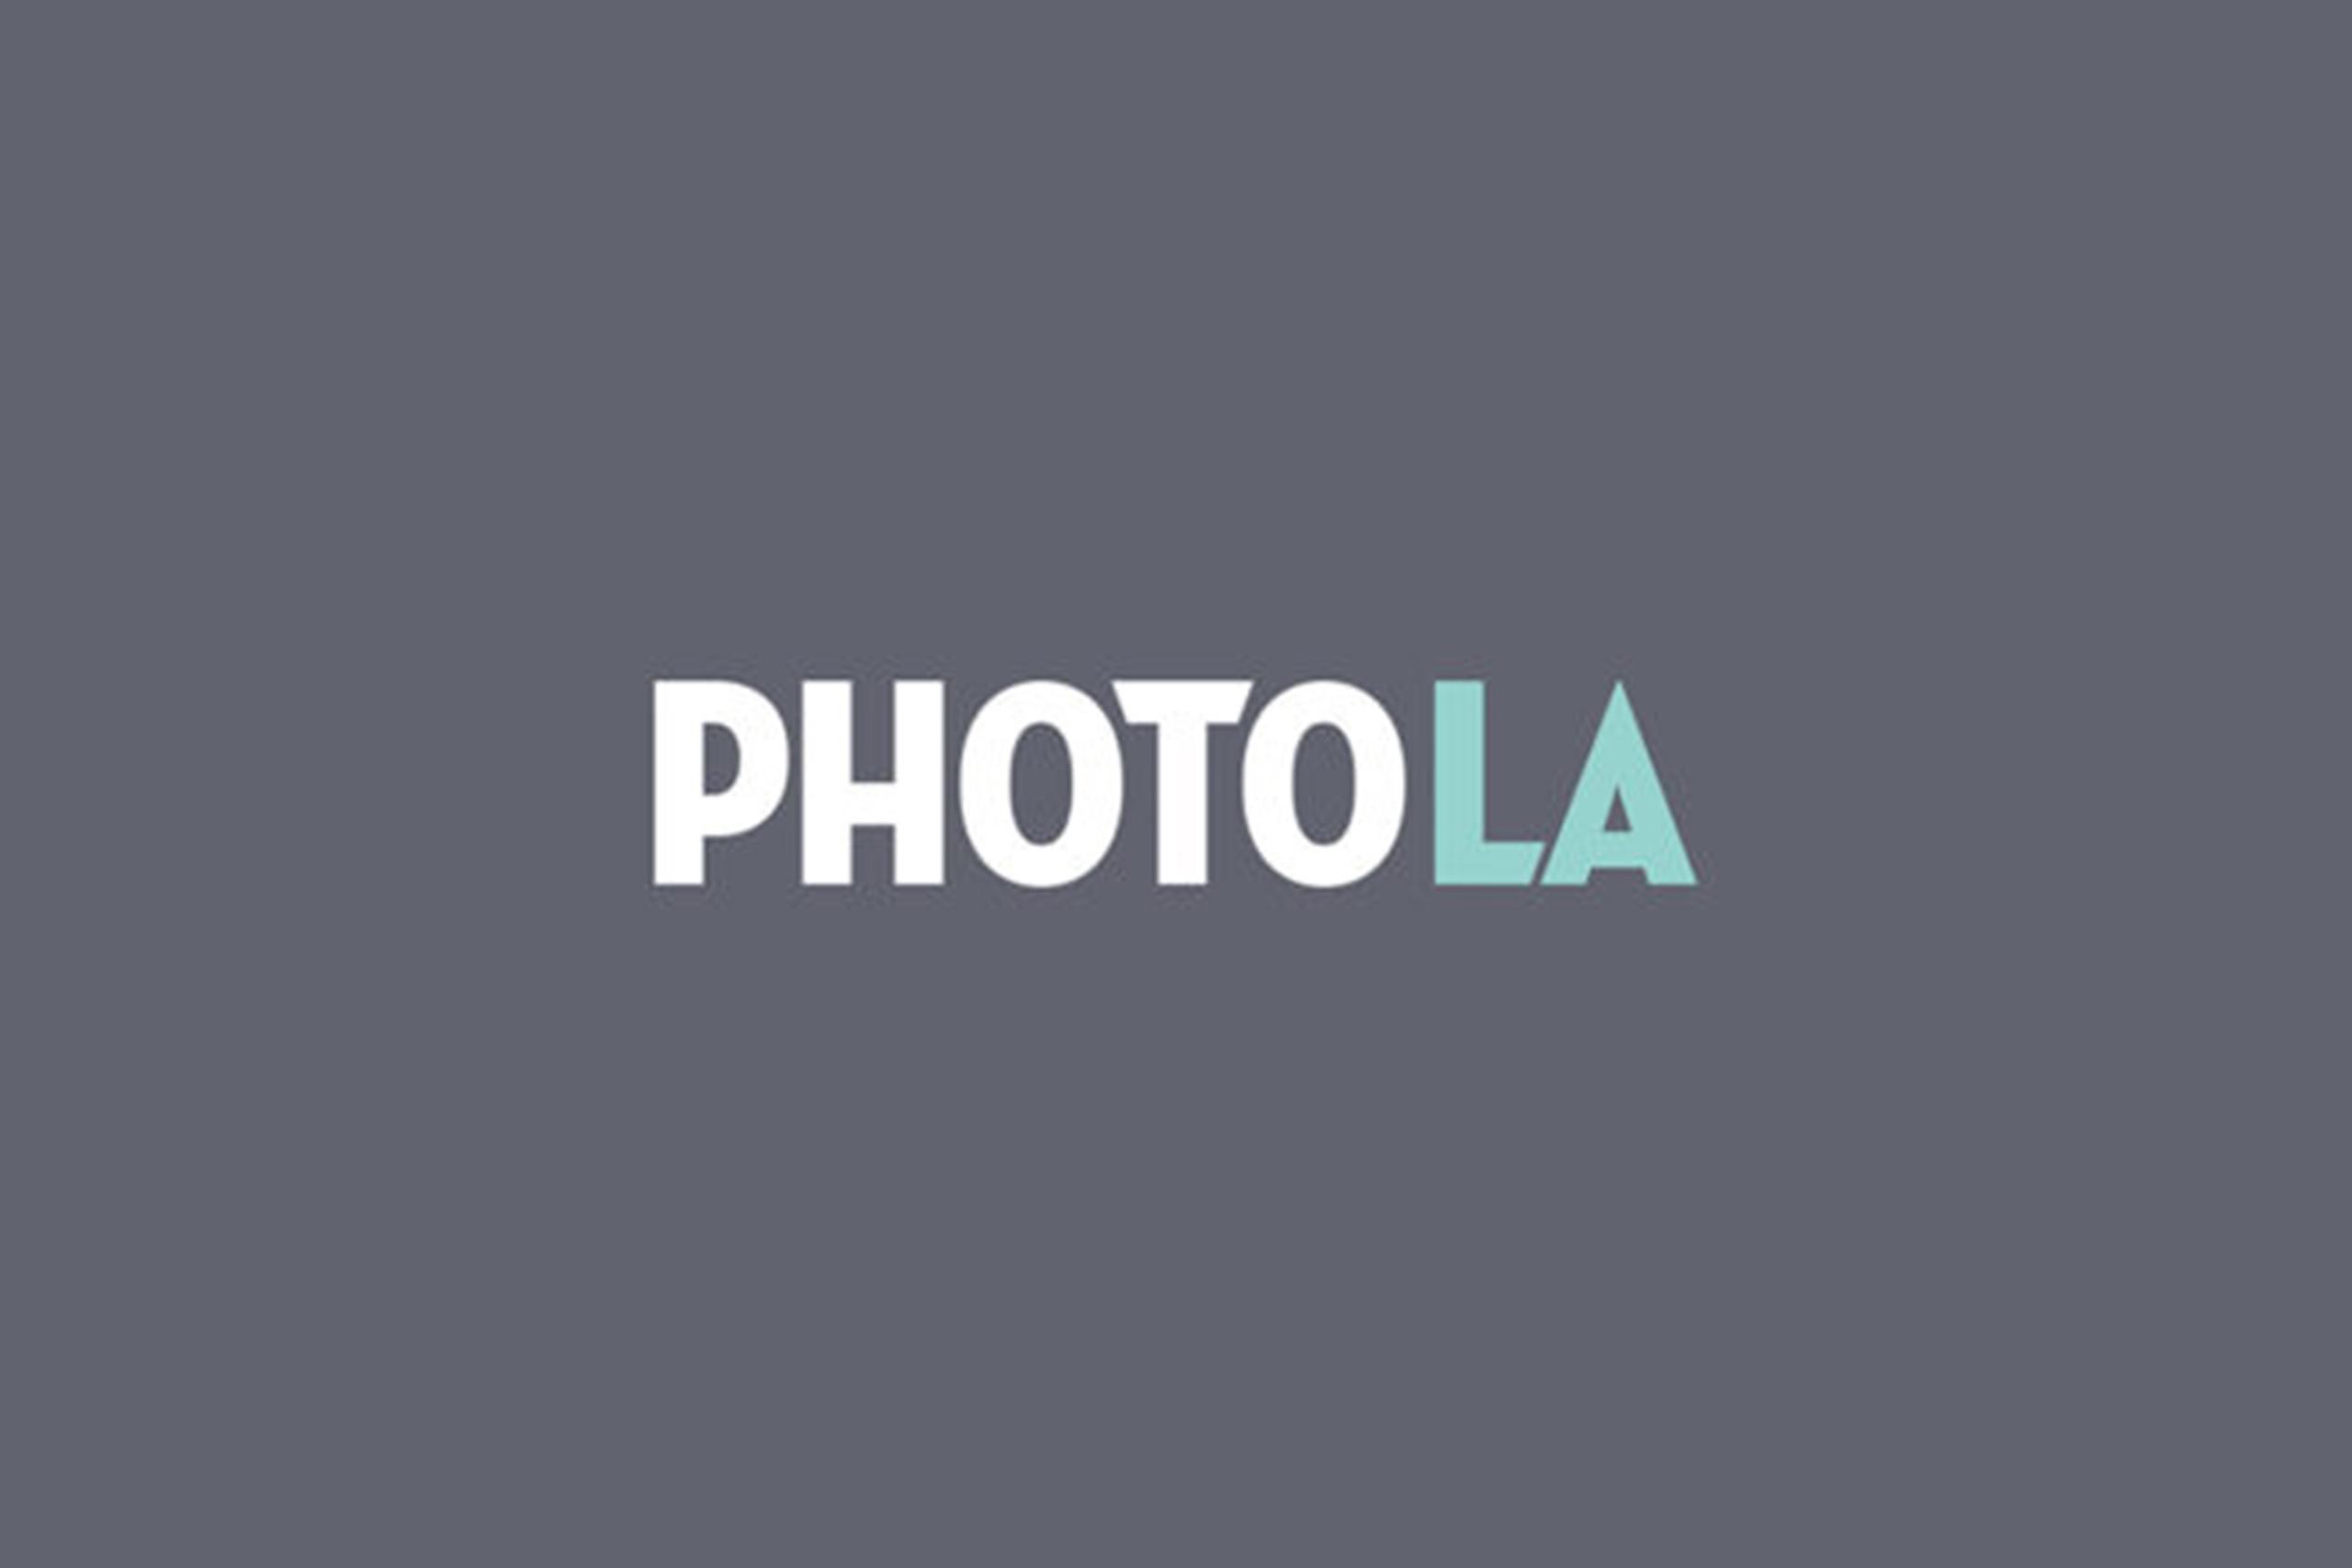 Photo LA (01.30.20 - 02.02.20)